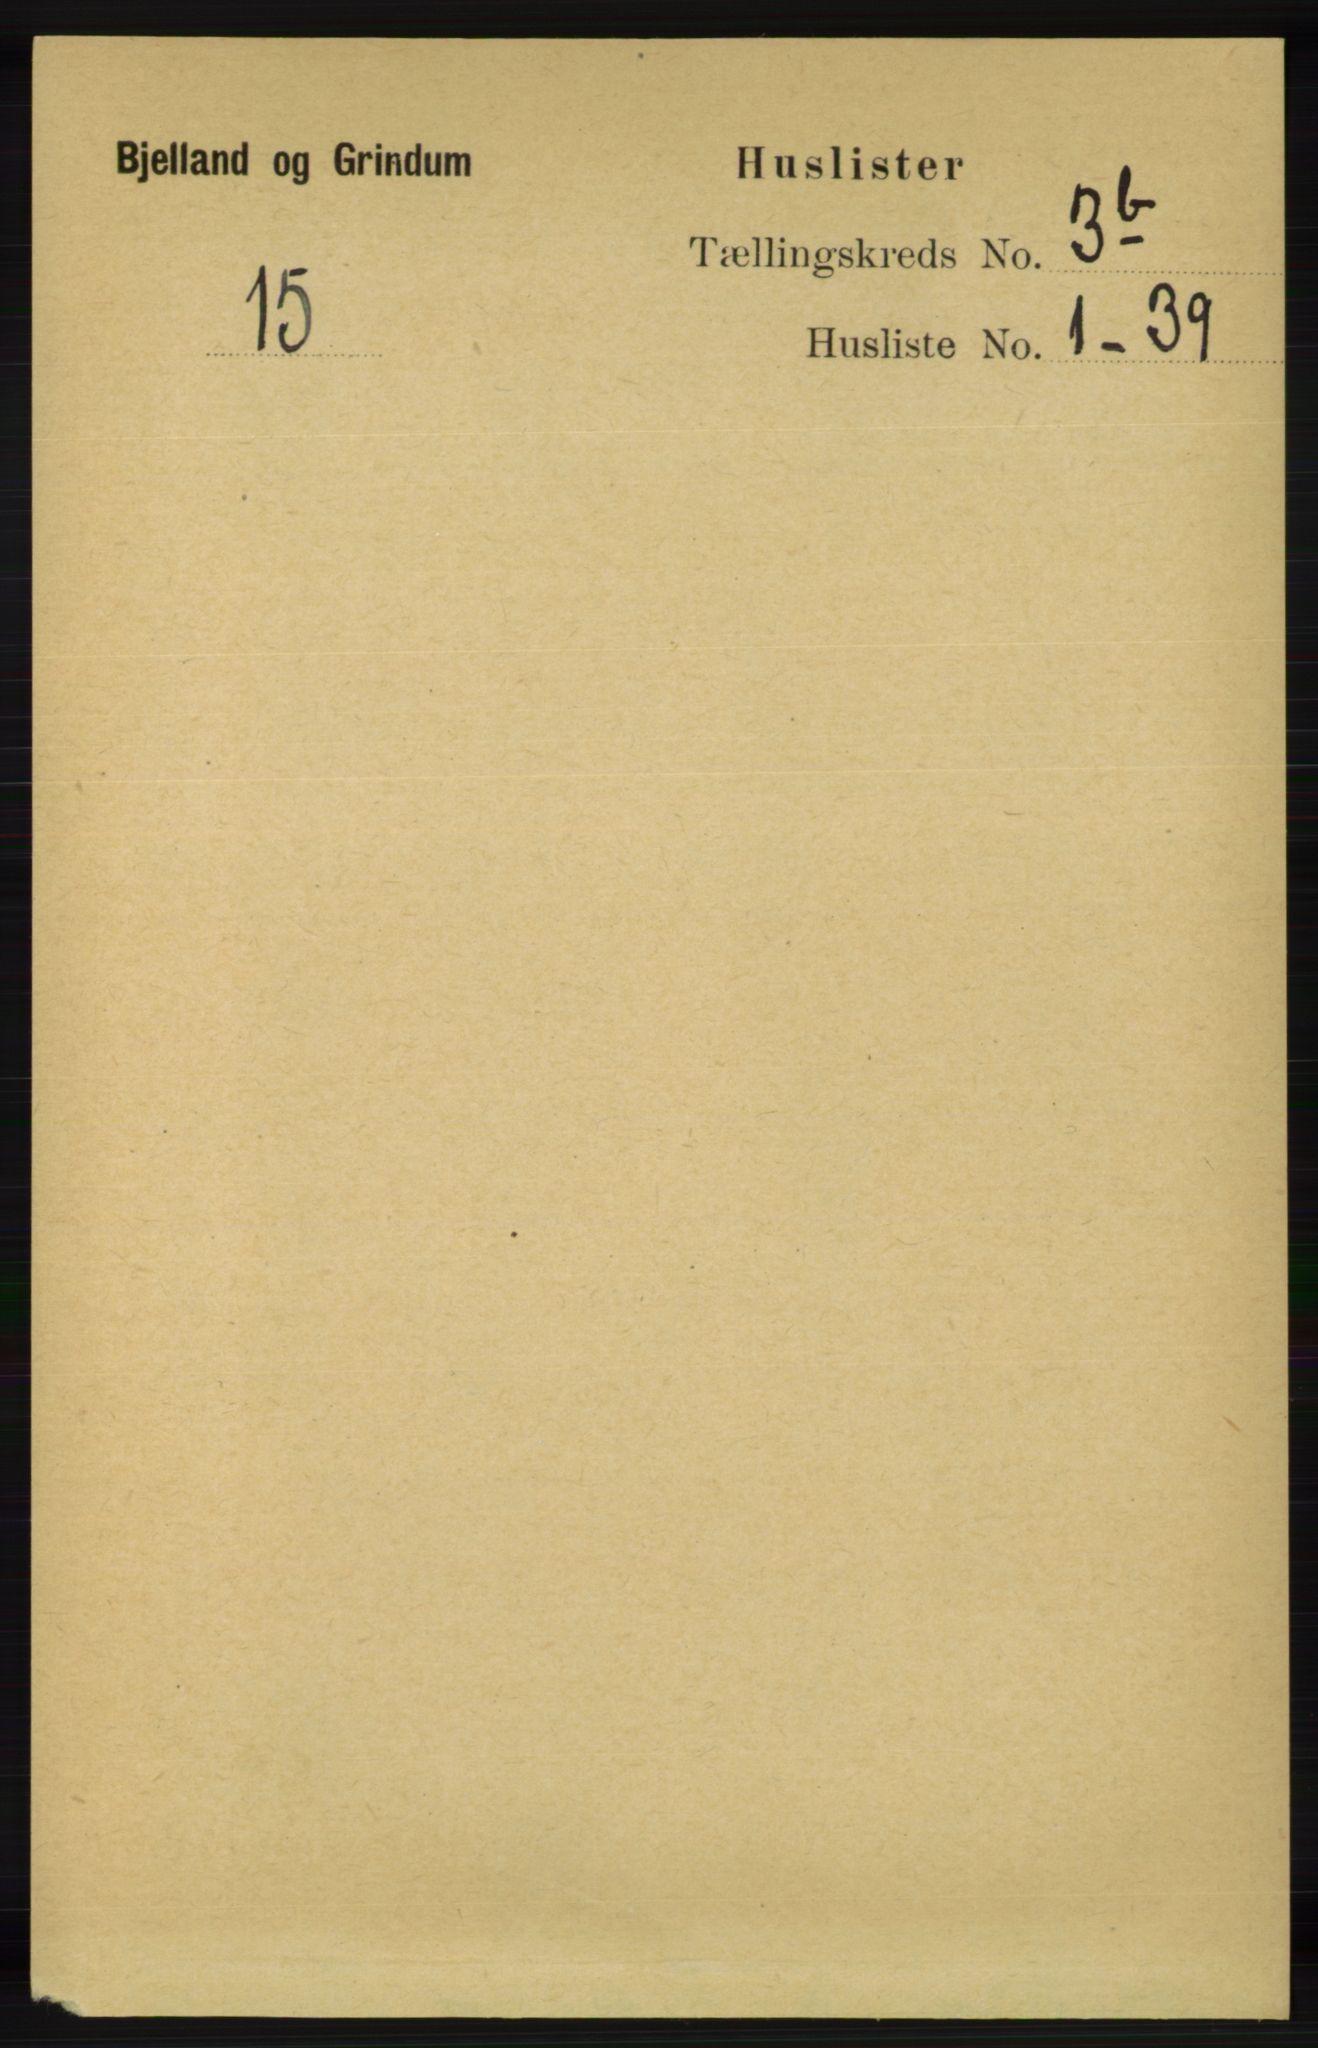 RA, Folketelling 1891 for 1024 Bjelland og Grindheim herred, 1891, s. 1748